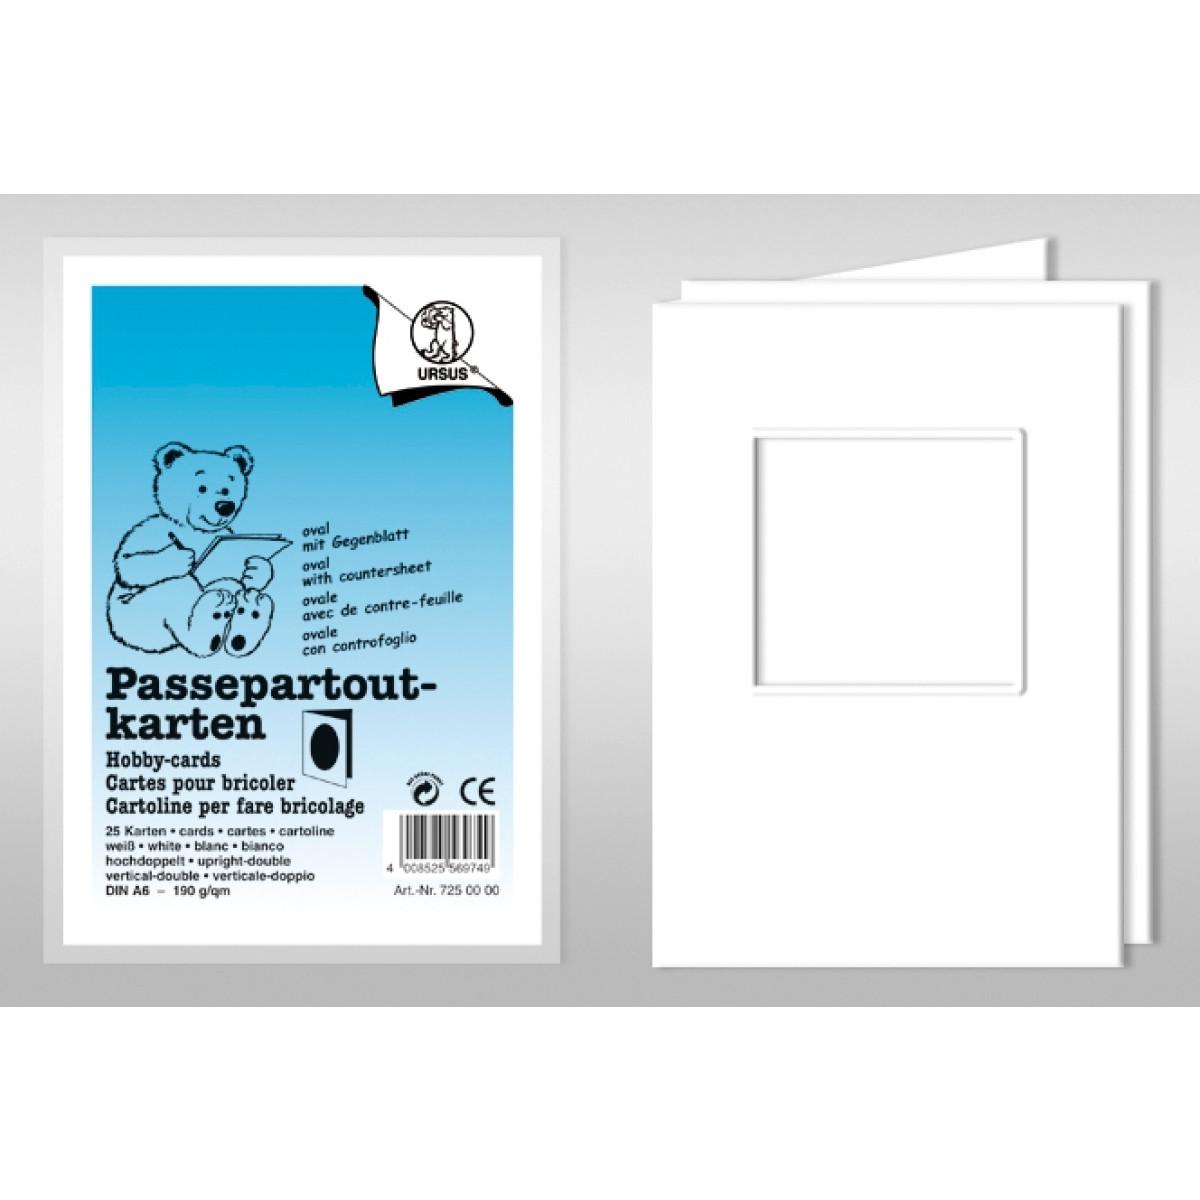 Passepartoutkarten quadratisch DIN A6 hochdoppelt - 10 Stück